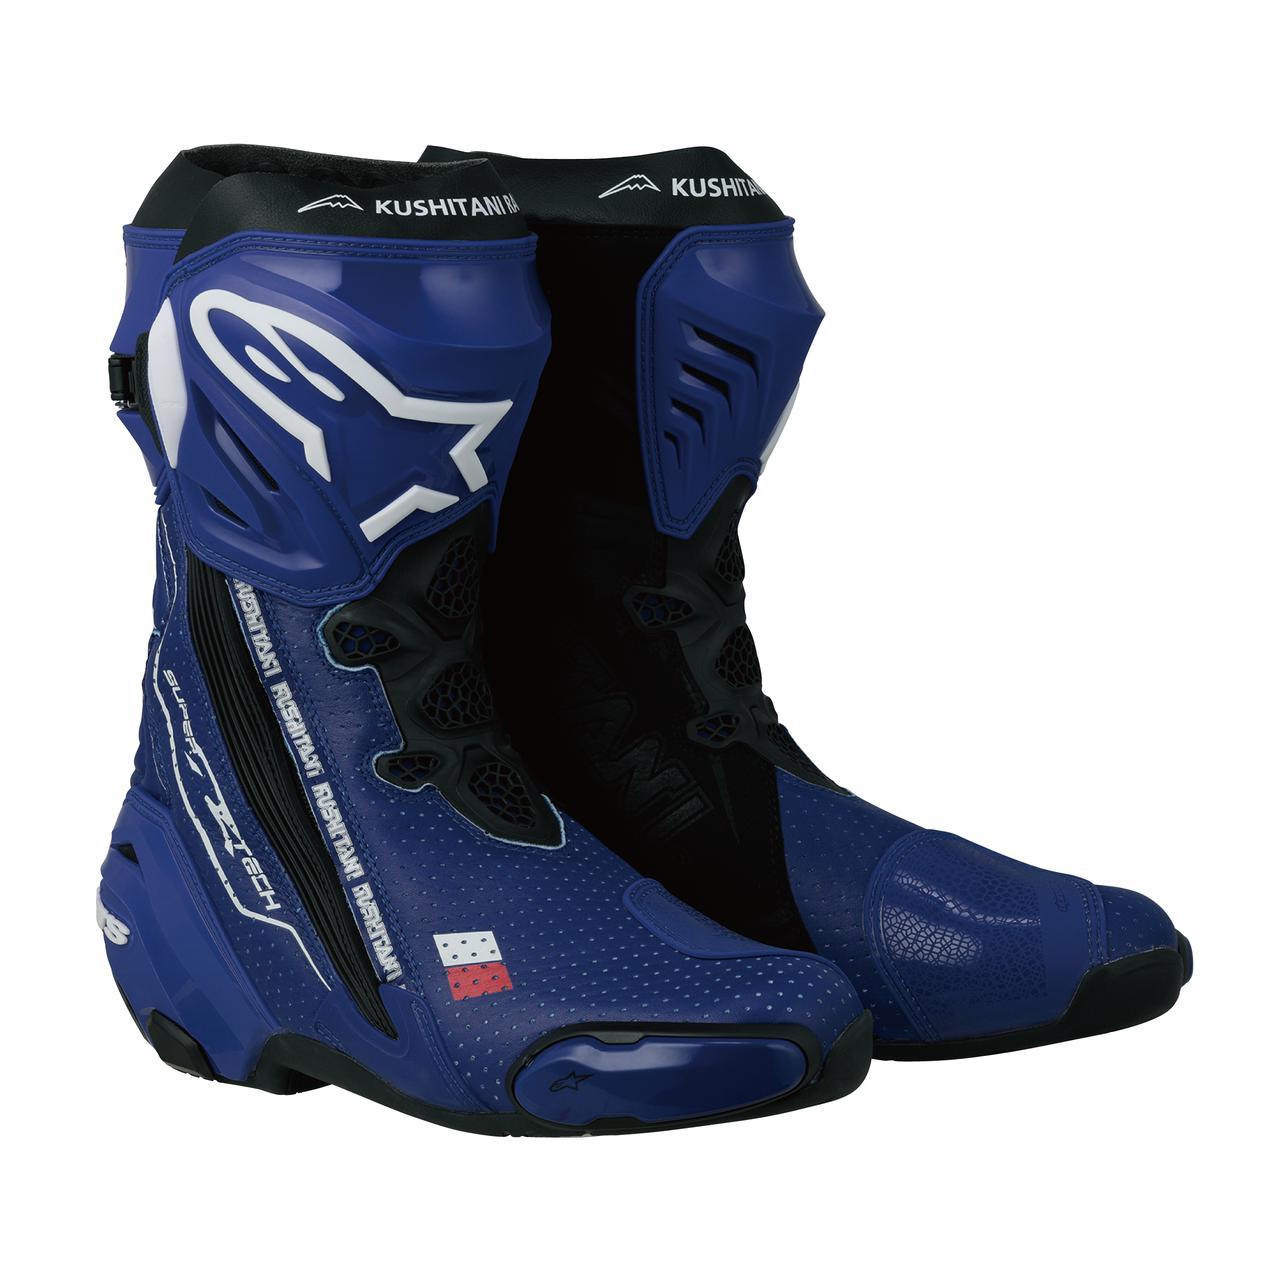 クシタニとアルパインスターズのコラボが熱い! イイトコドリのレーシングブーツが誕生「スーパーテックR×プロトコアレザーモデル」